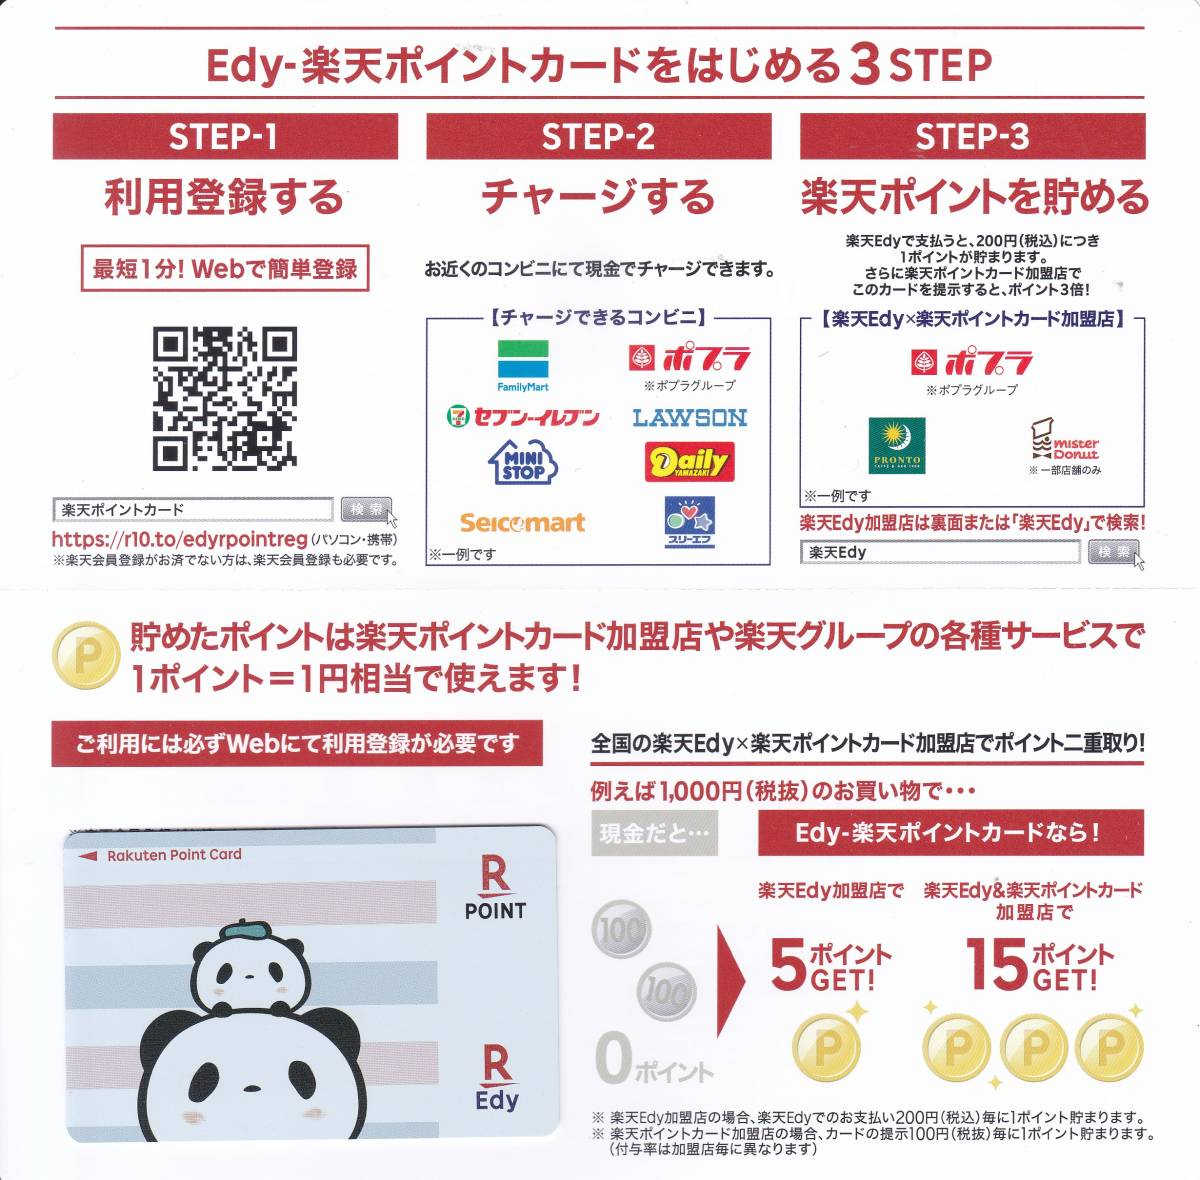 ★【Edy-楽天ポイントカード】★お買い物パンダ(ボーダー)★_画像1